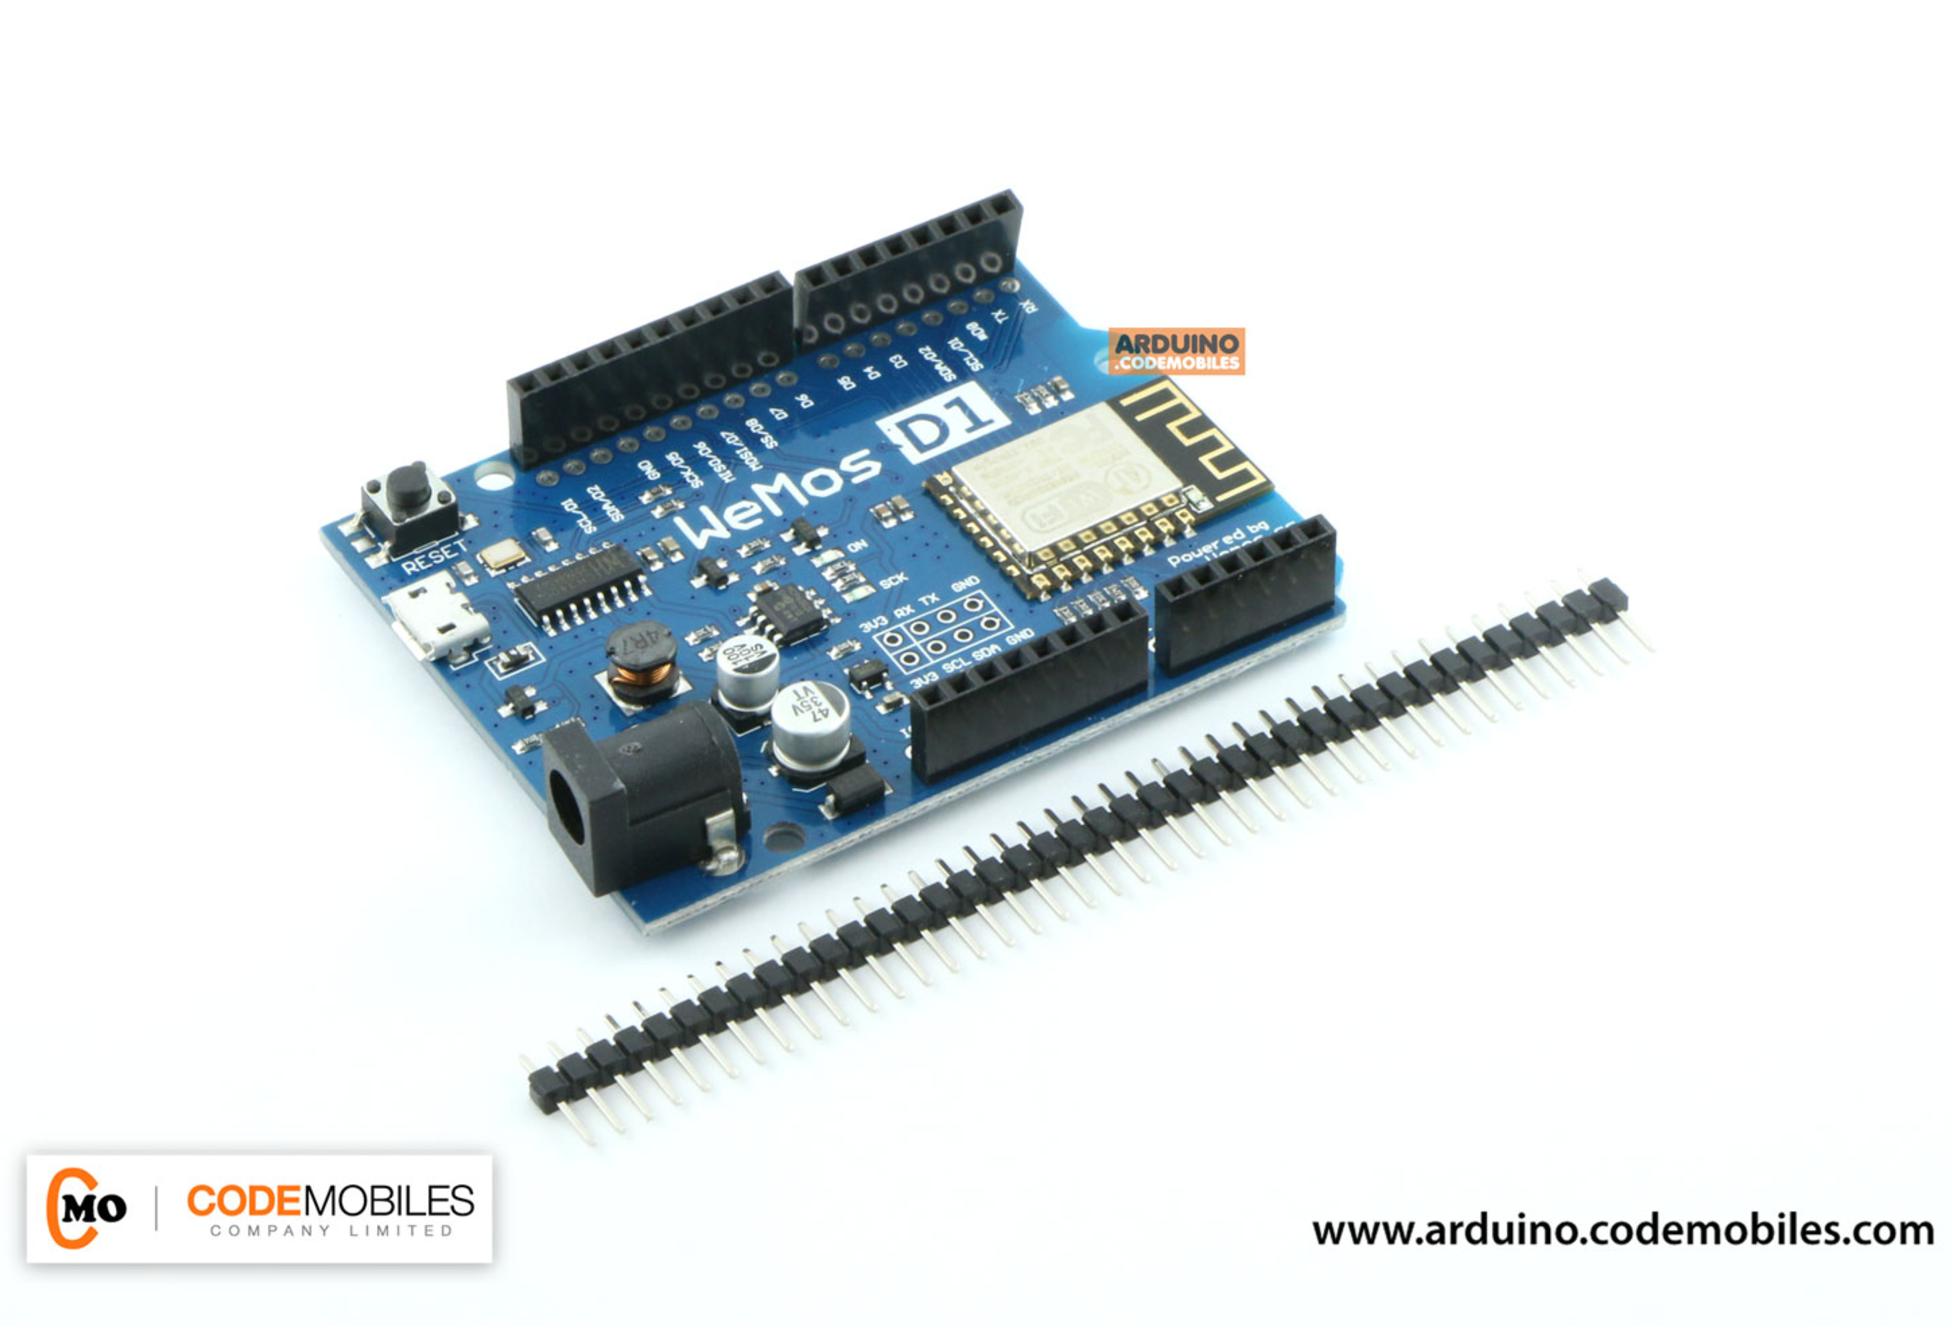 การใช้งานบอร์ด WeMos D1 ESP8266 และตัวอย่างการทำเป็น